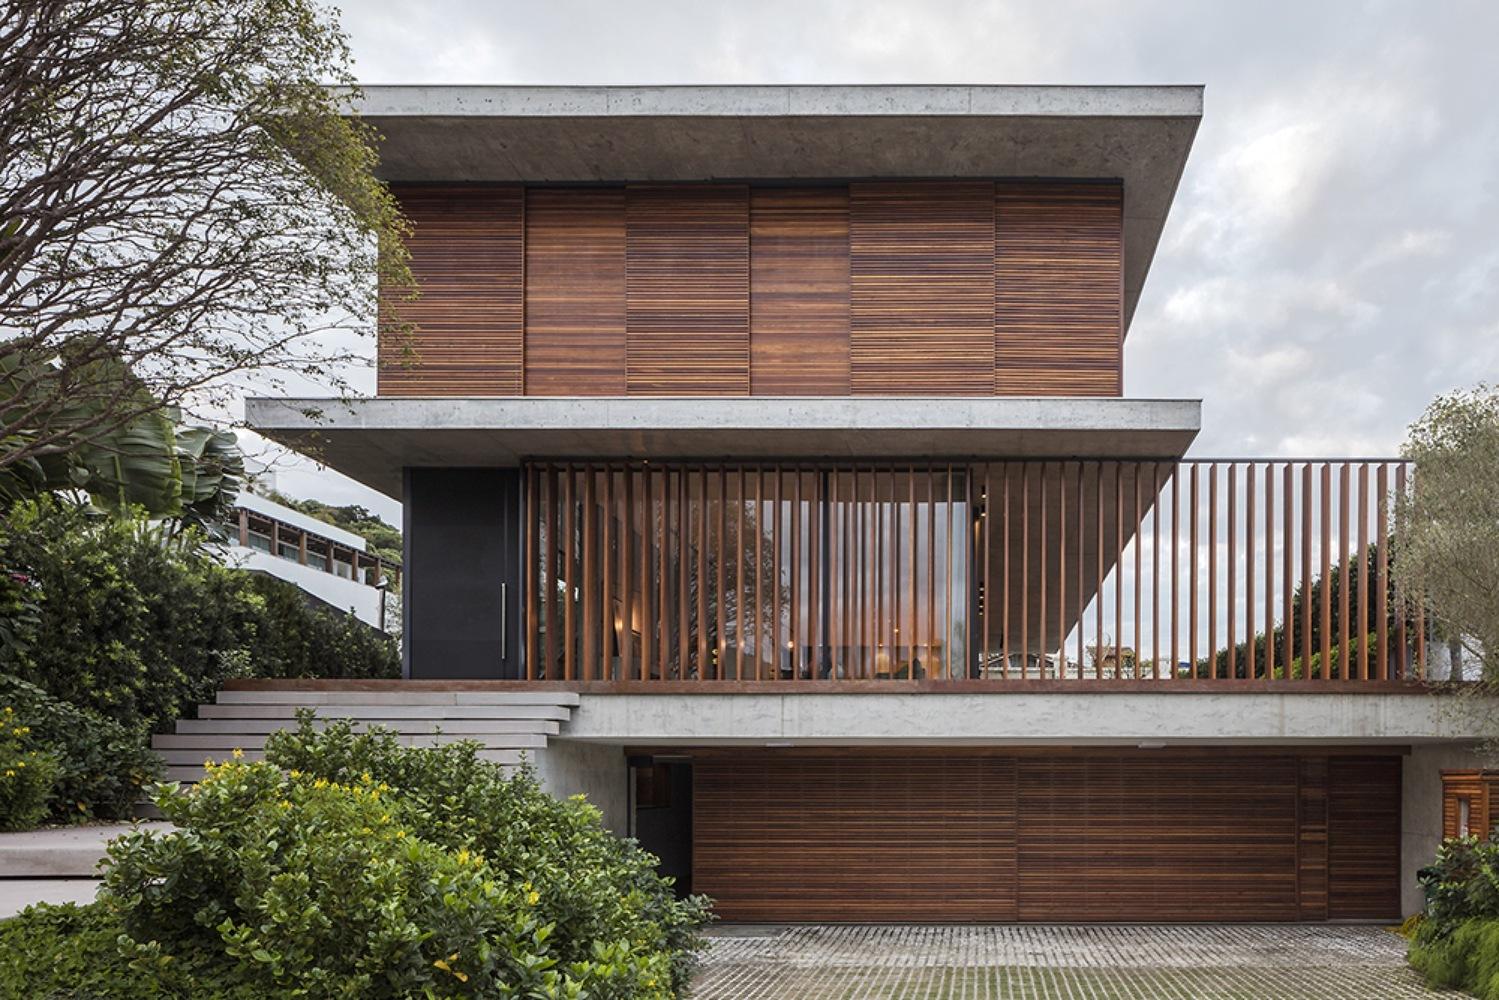 Modelo de casa bonita com a madeira em destaque na fachada